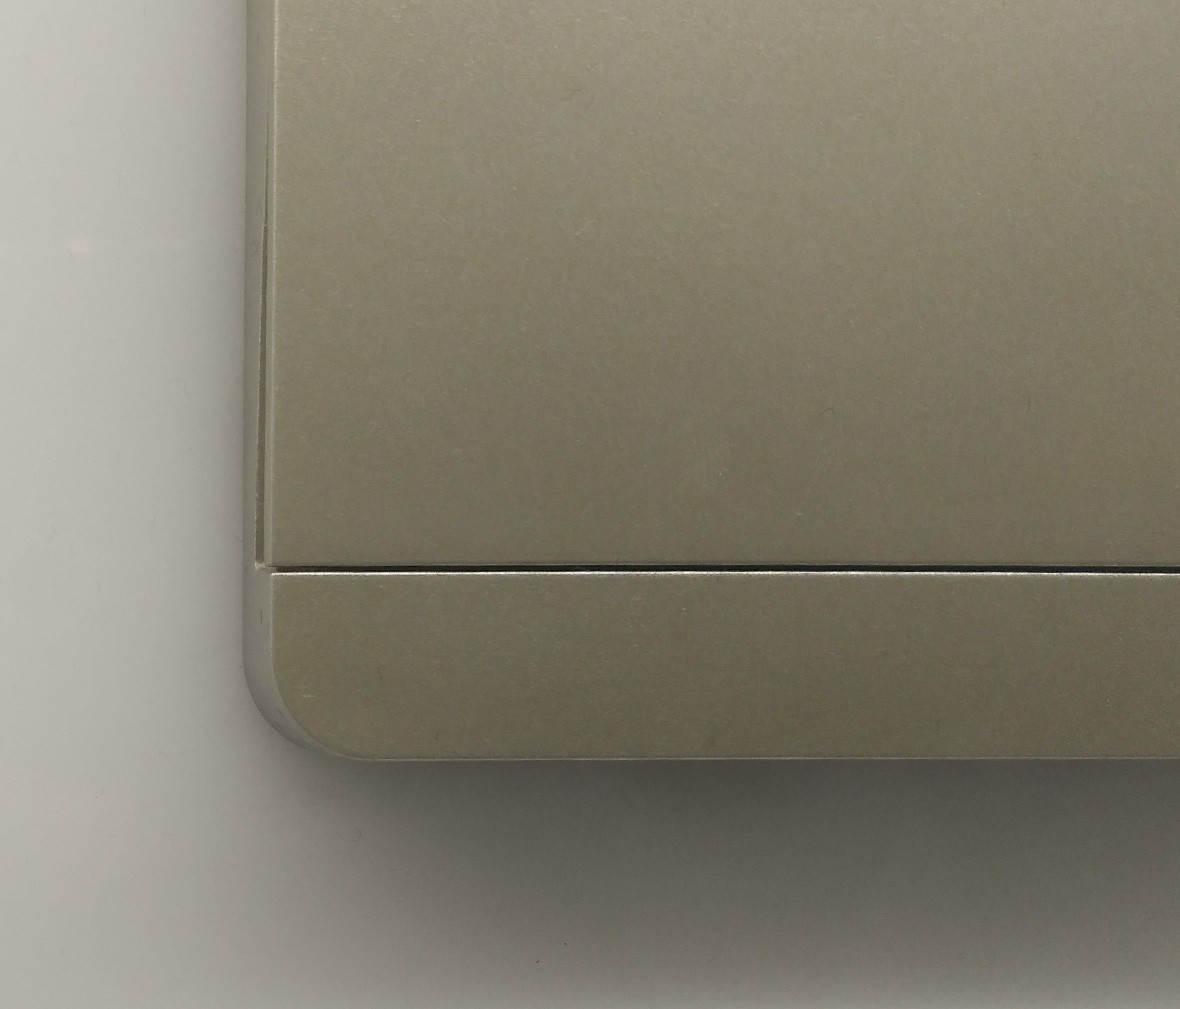 施耐德 蓝韵系列 单开开关 PC材质 耐高温 防漏电 安全插座 细节